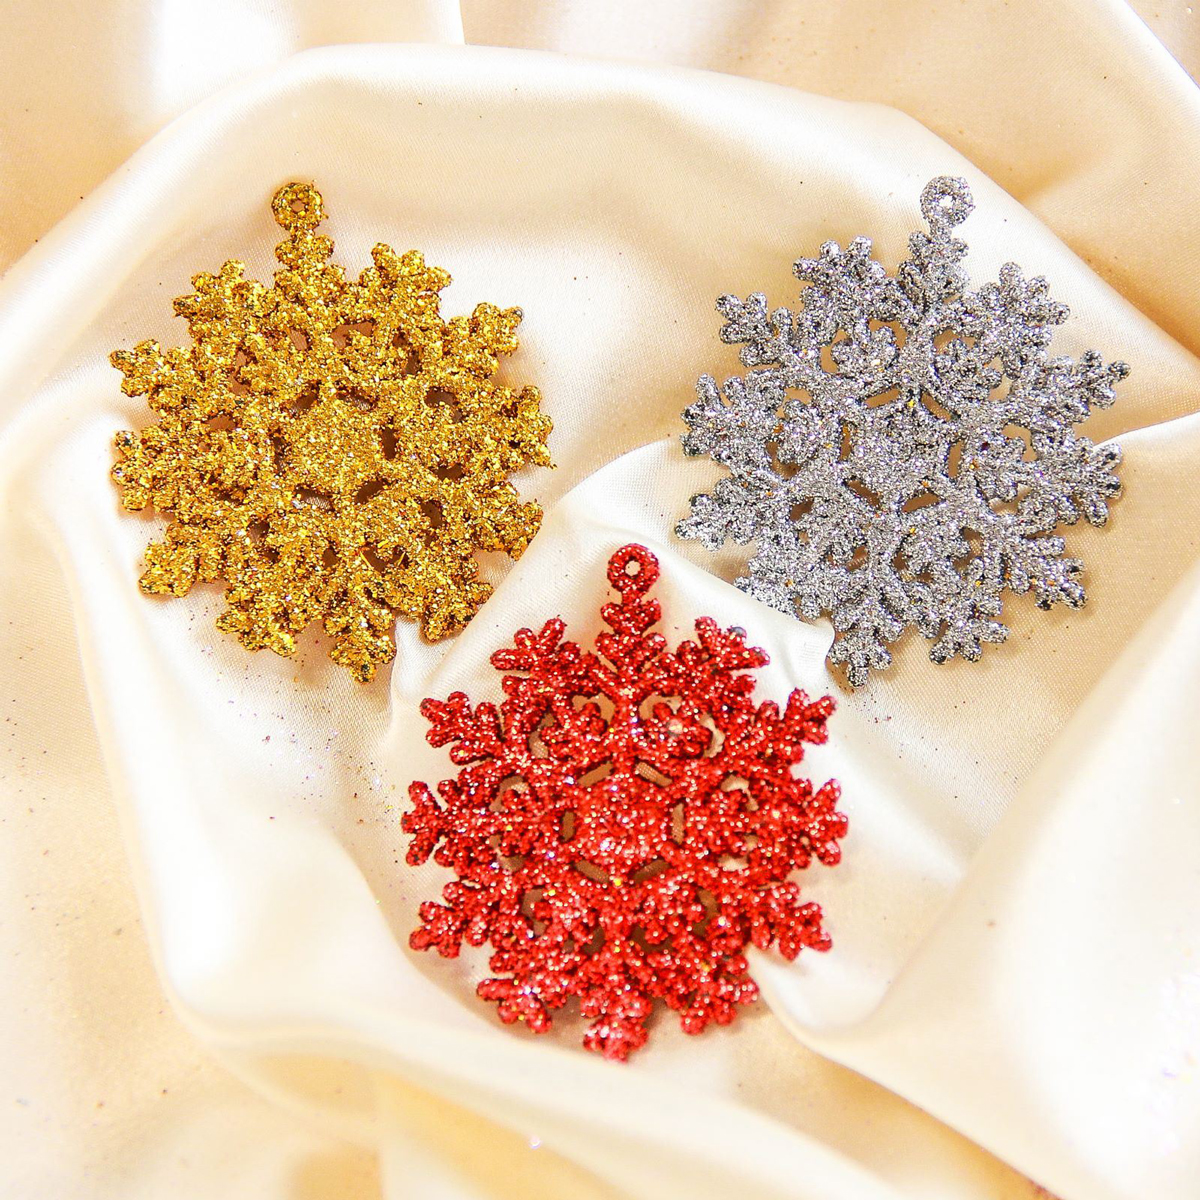 Набор новогодних подвесных украшений Снежинка, цвет: красный, золотой, серебряный, диаметр 5 см, 3 шт2372114Набор новогодних подвесных украшений отлично подойдет для декорации вашего дома и новогодней ели. С помощью специальной петельки украшение можно повесить в любом понравившемся вам месте. Но, конечно, удачнее всего оно будет смотреться на праздничной елке.Елочная игрушка - символ Нового года. Она несет в себе волшебство и красоту праздника. Такое украшение создаст в вашем доме атмосферу праздника, веселья и радости.